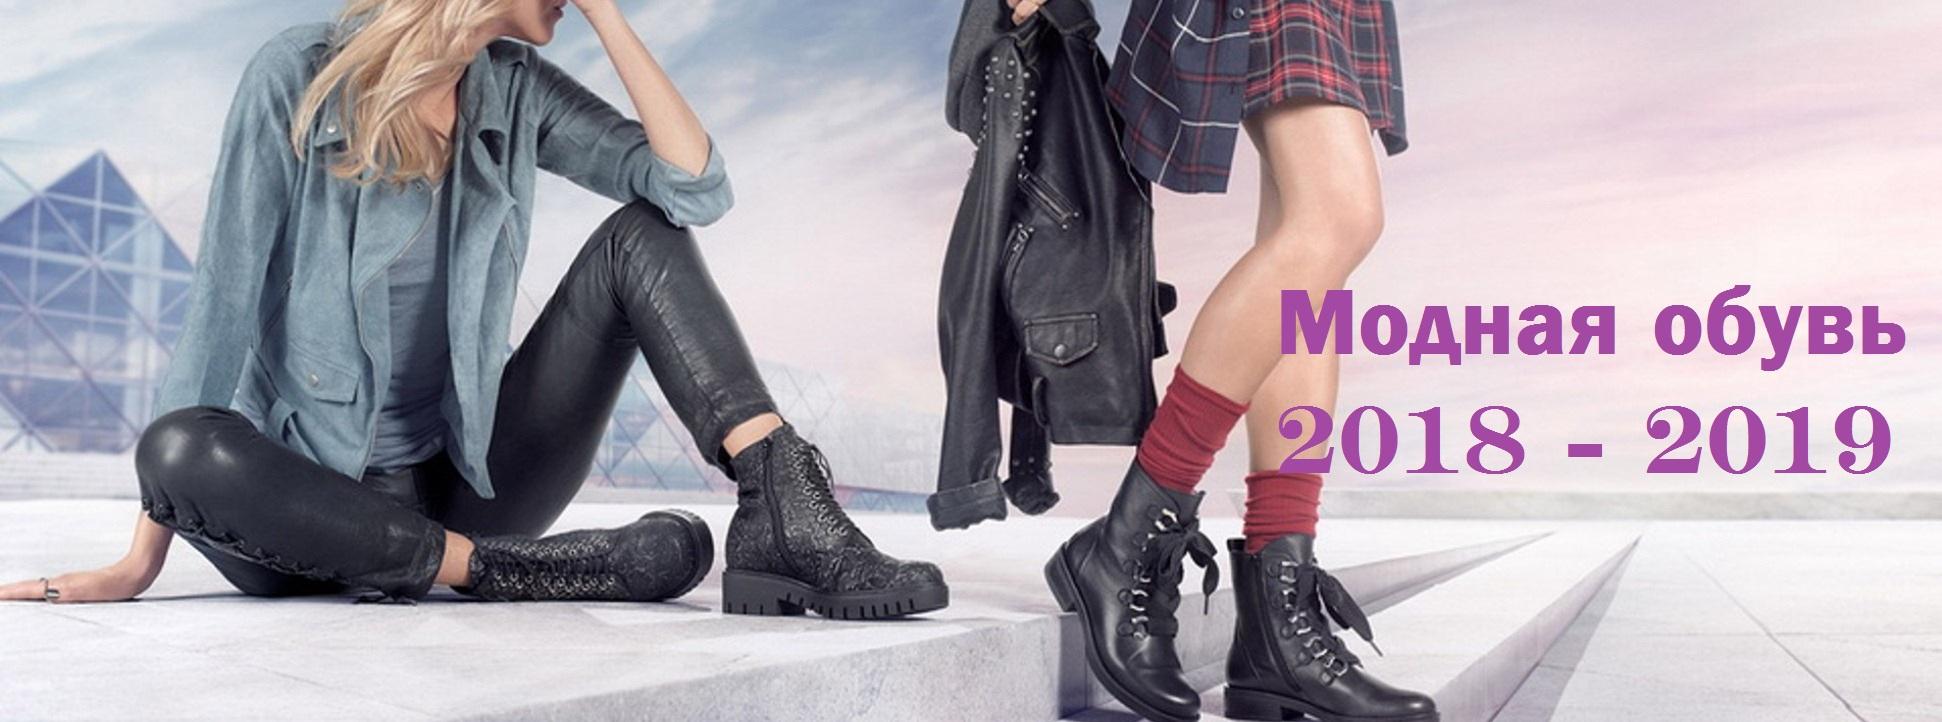 Интернет магазин - купить обувь Днепропетровск и вся Украина онлайн 7cda92ff8f290